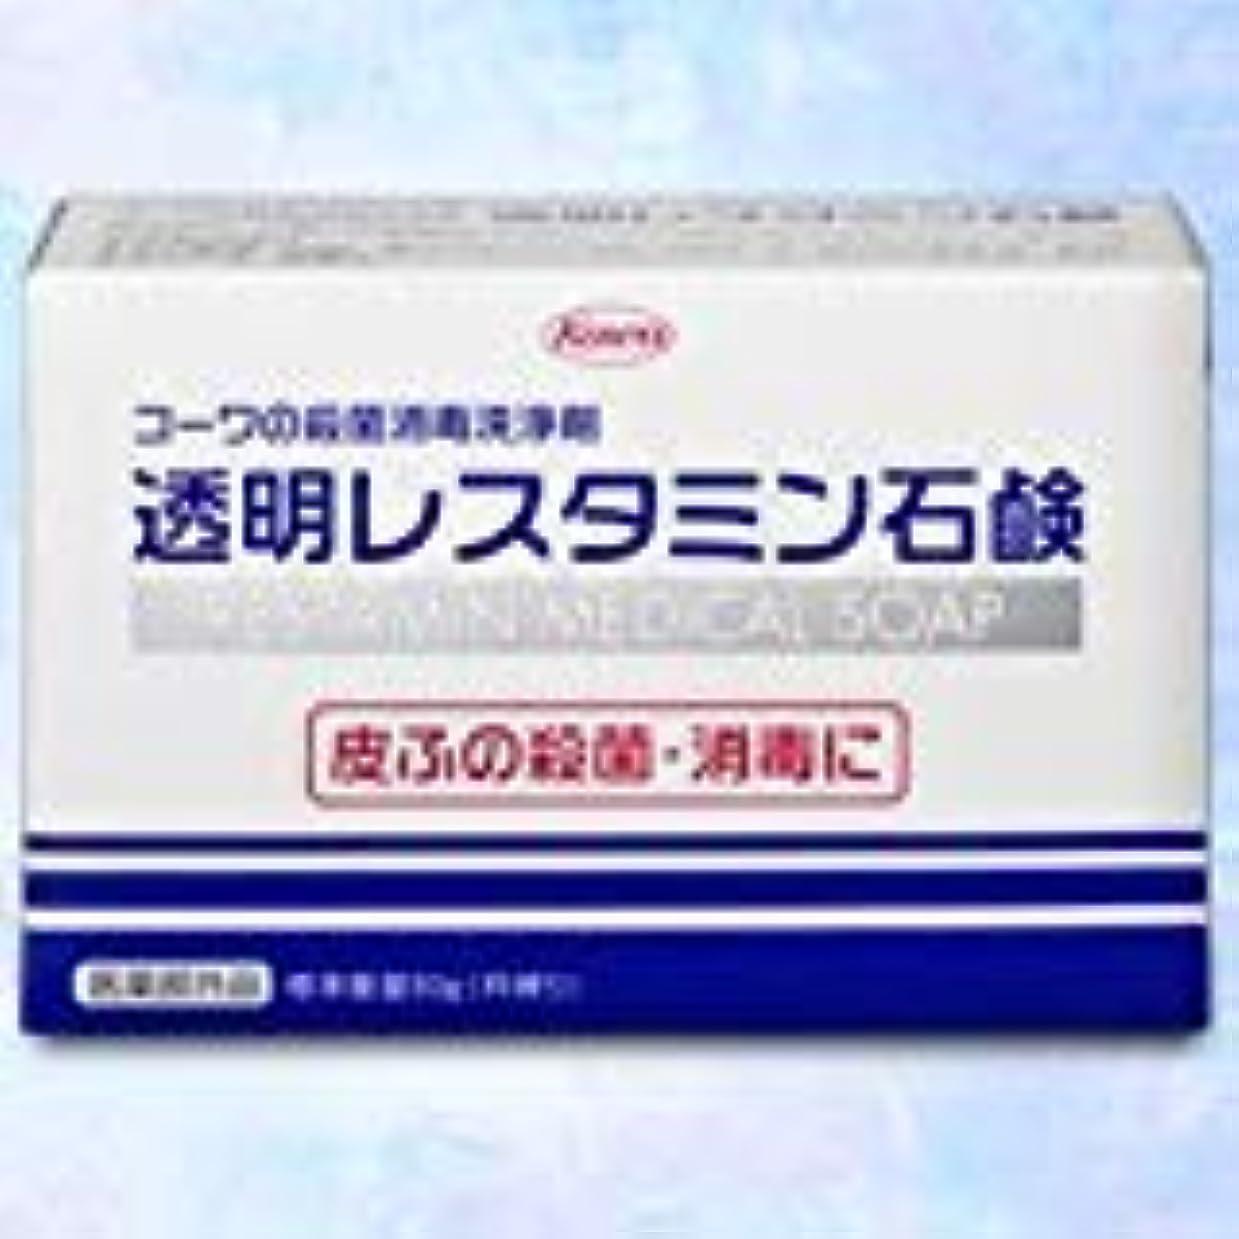 パラメータ有効化いう【興和】コーワの殺菌消毒洗浄剤「透明レスタミン石鹸」80g(医薬部外品) ×5個セット